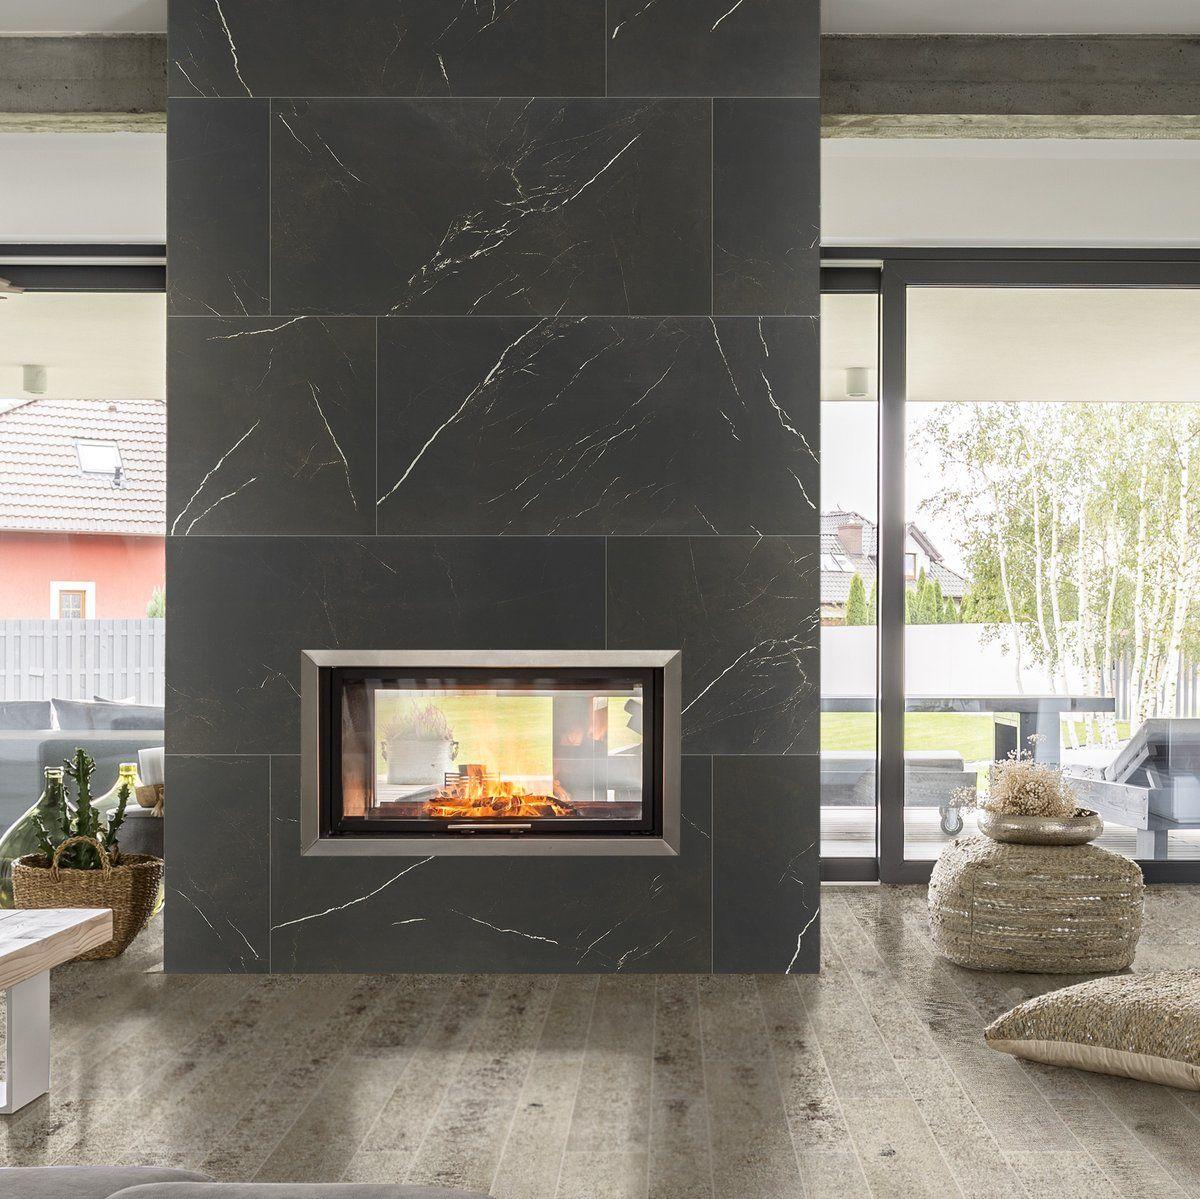 Image Result For Large Format Tile Fireplace Fireplace Remodel Home Fireplace Fireplace Design